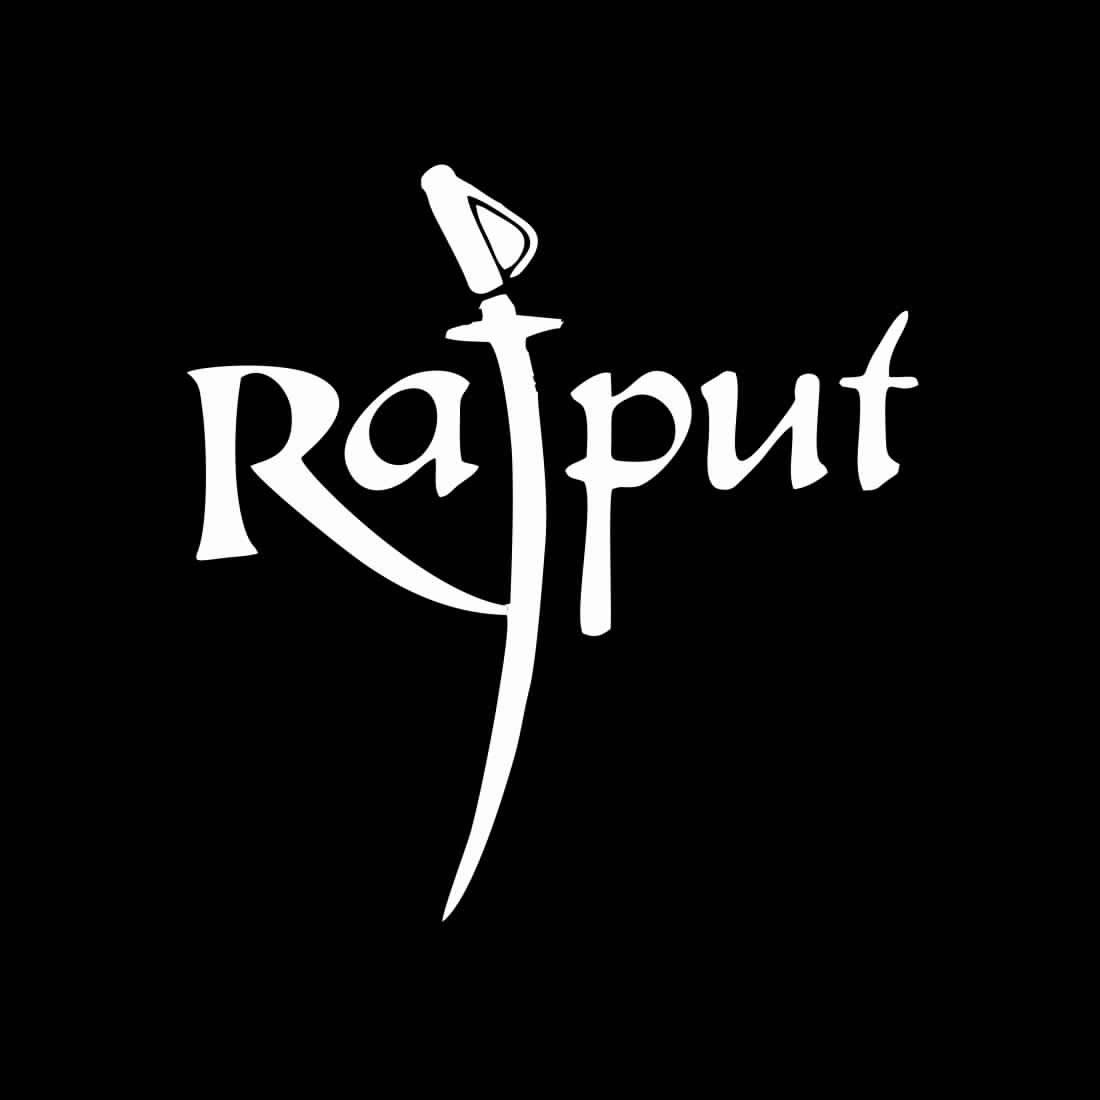 Rajput Phone Screen Wallpaper Rajput Quotes Cellphone Wallpaper